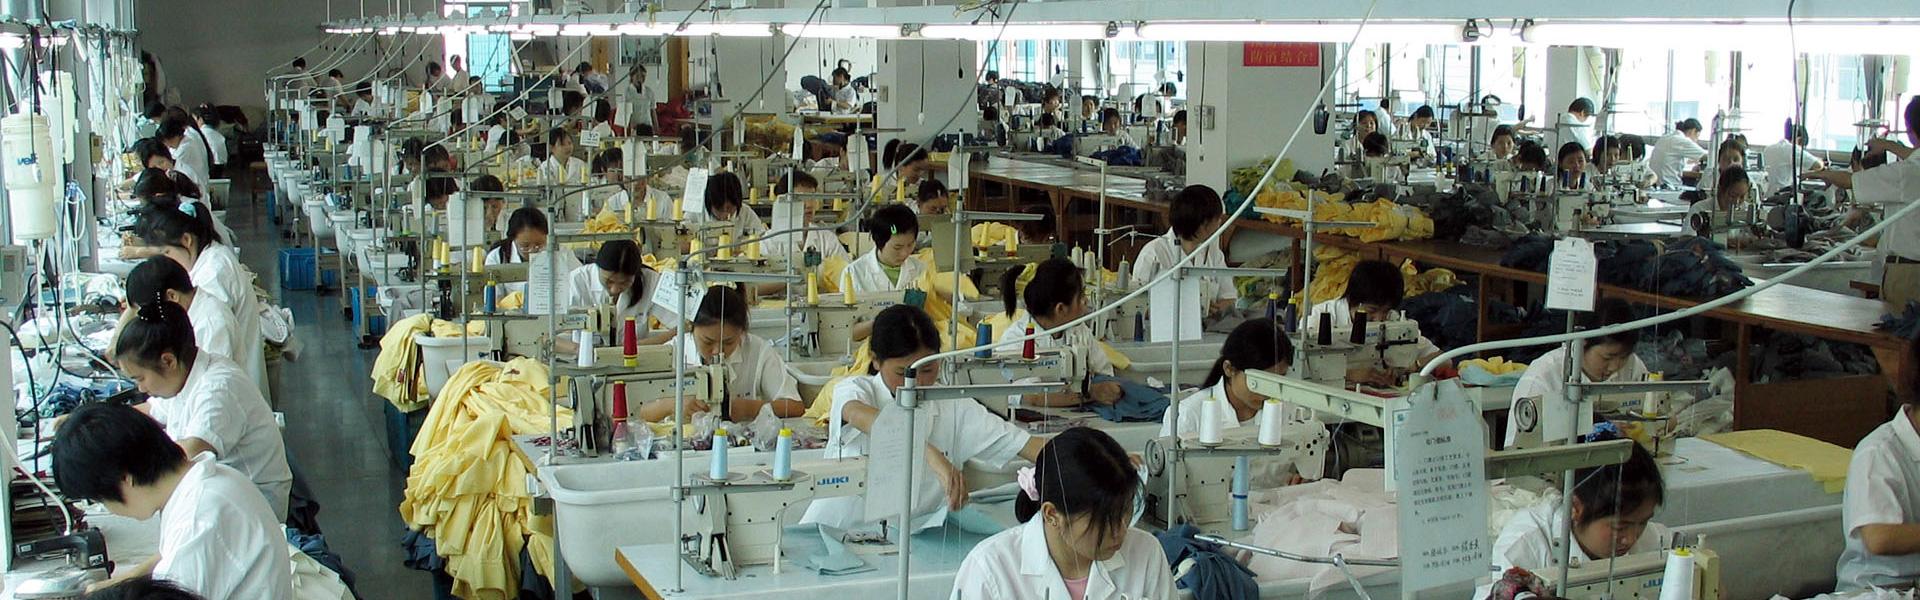 桂林小学服装定做厂家,南宁医生服定制,柳州中学服装定做